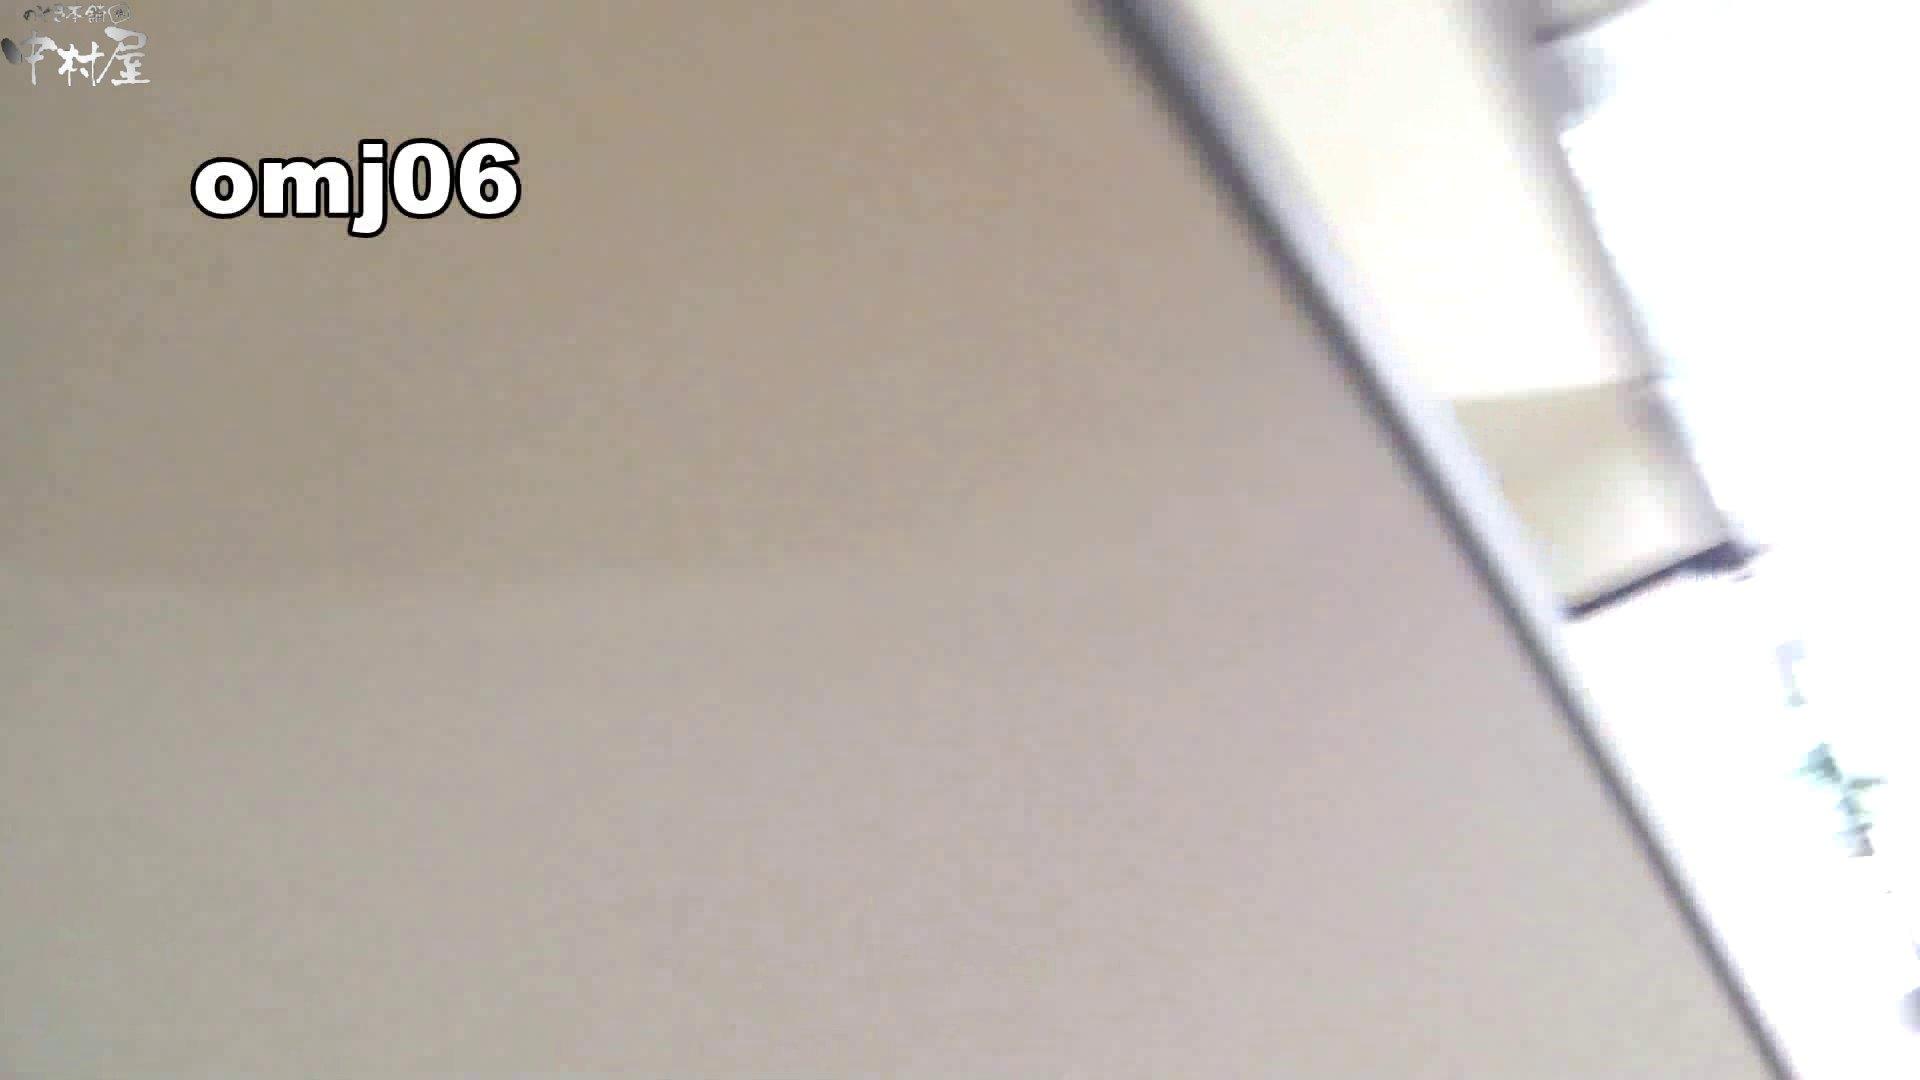 お市さんの「お尻丸出しジャンボリー」No.06 黒人 隠し撮りセックス画像 88連発 15